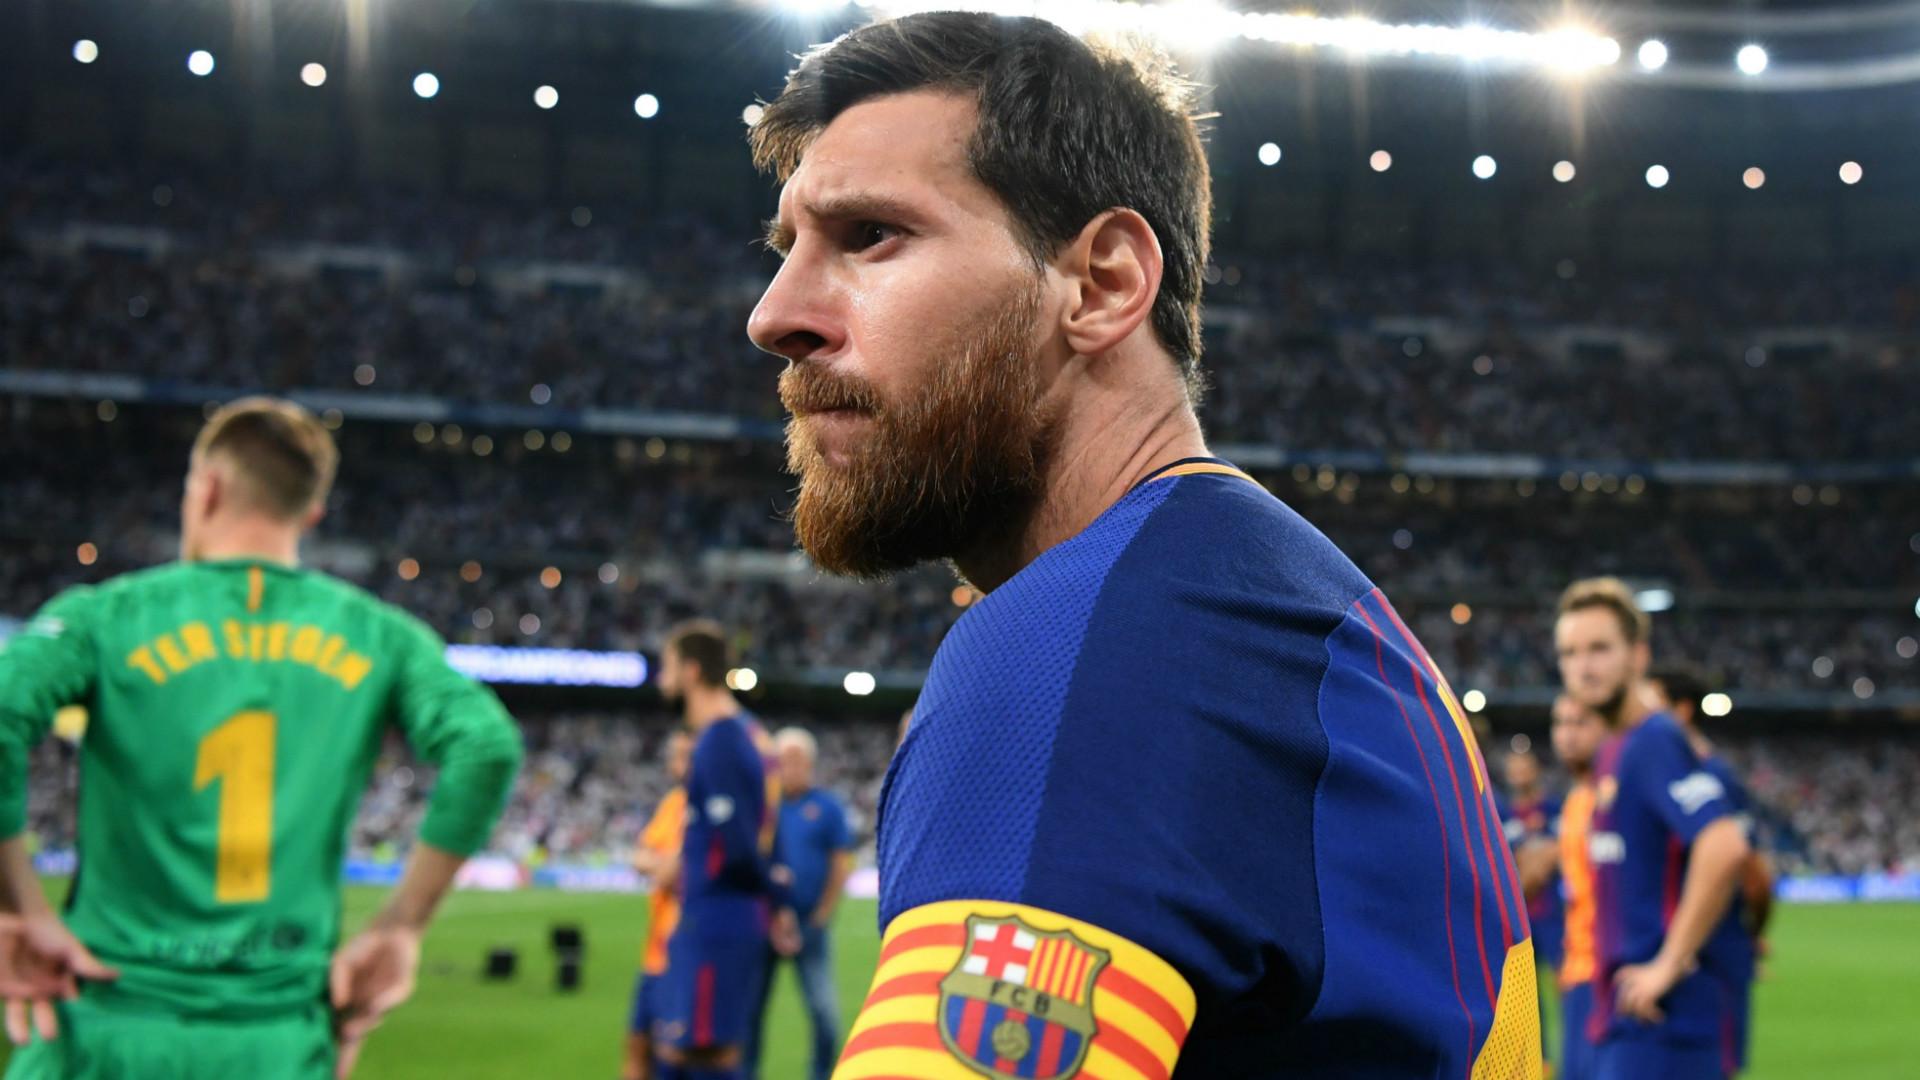 Lionel-messi-barcelona_399bpb6flquk1vdq8qckyel5n